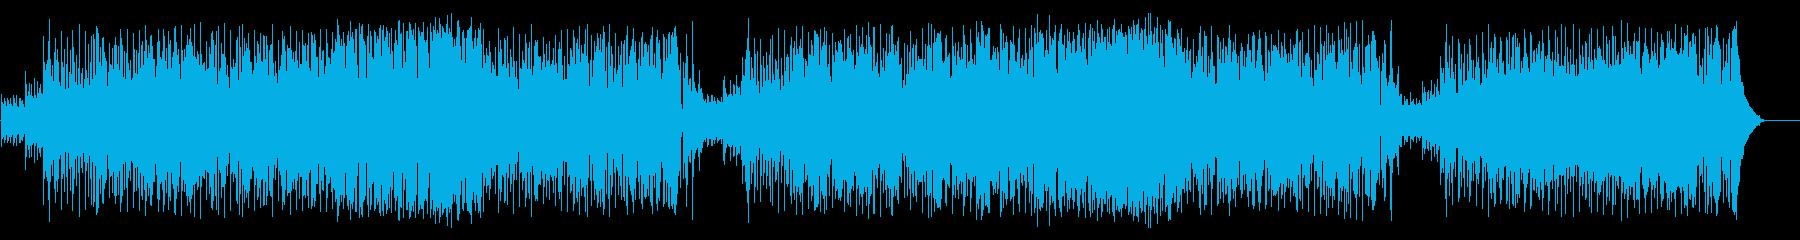 企画PR向け爽やかポップ(フルサイズ)の再生済みの波形